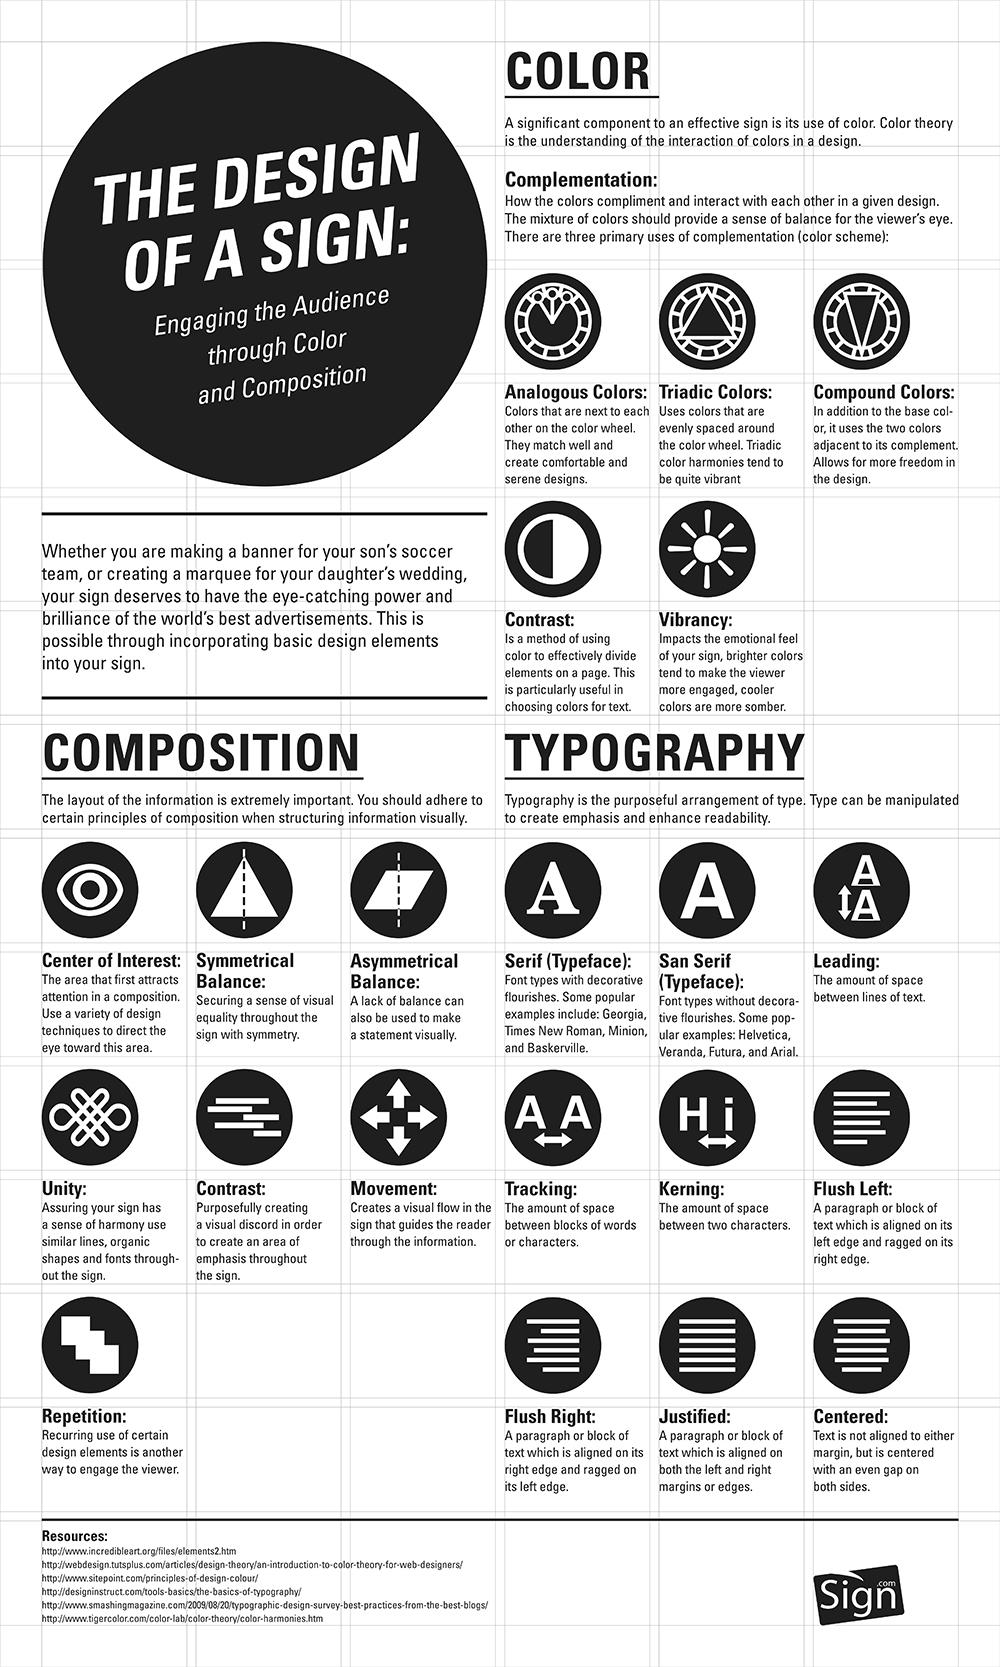 Sign.com-Infographic